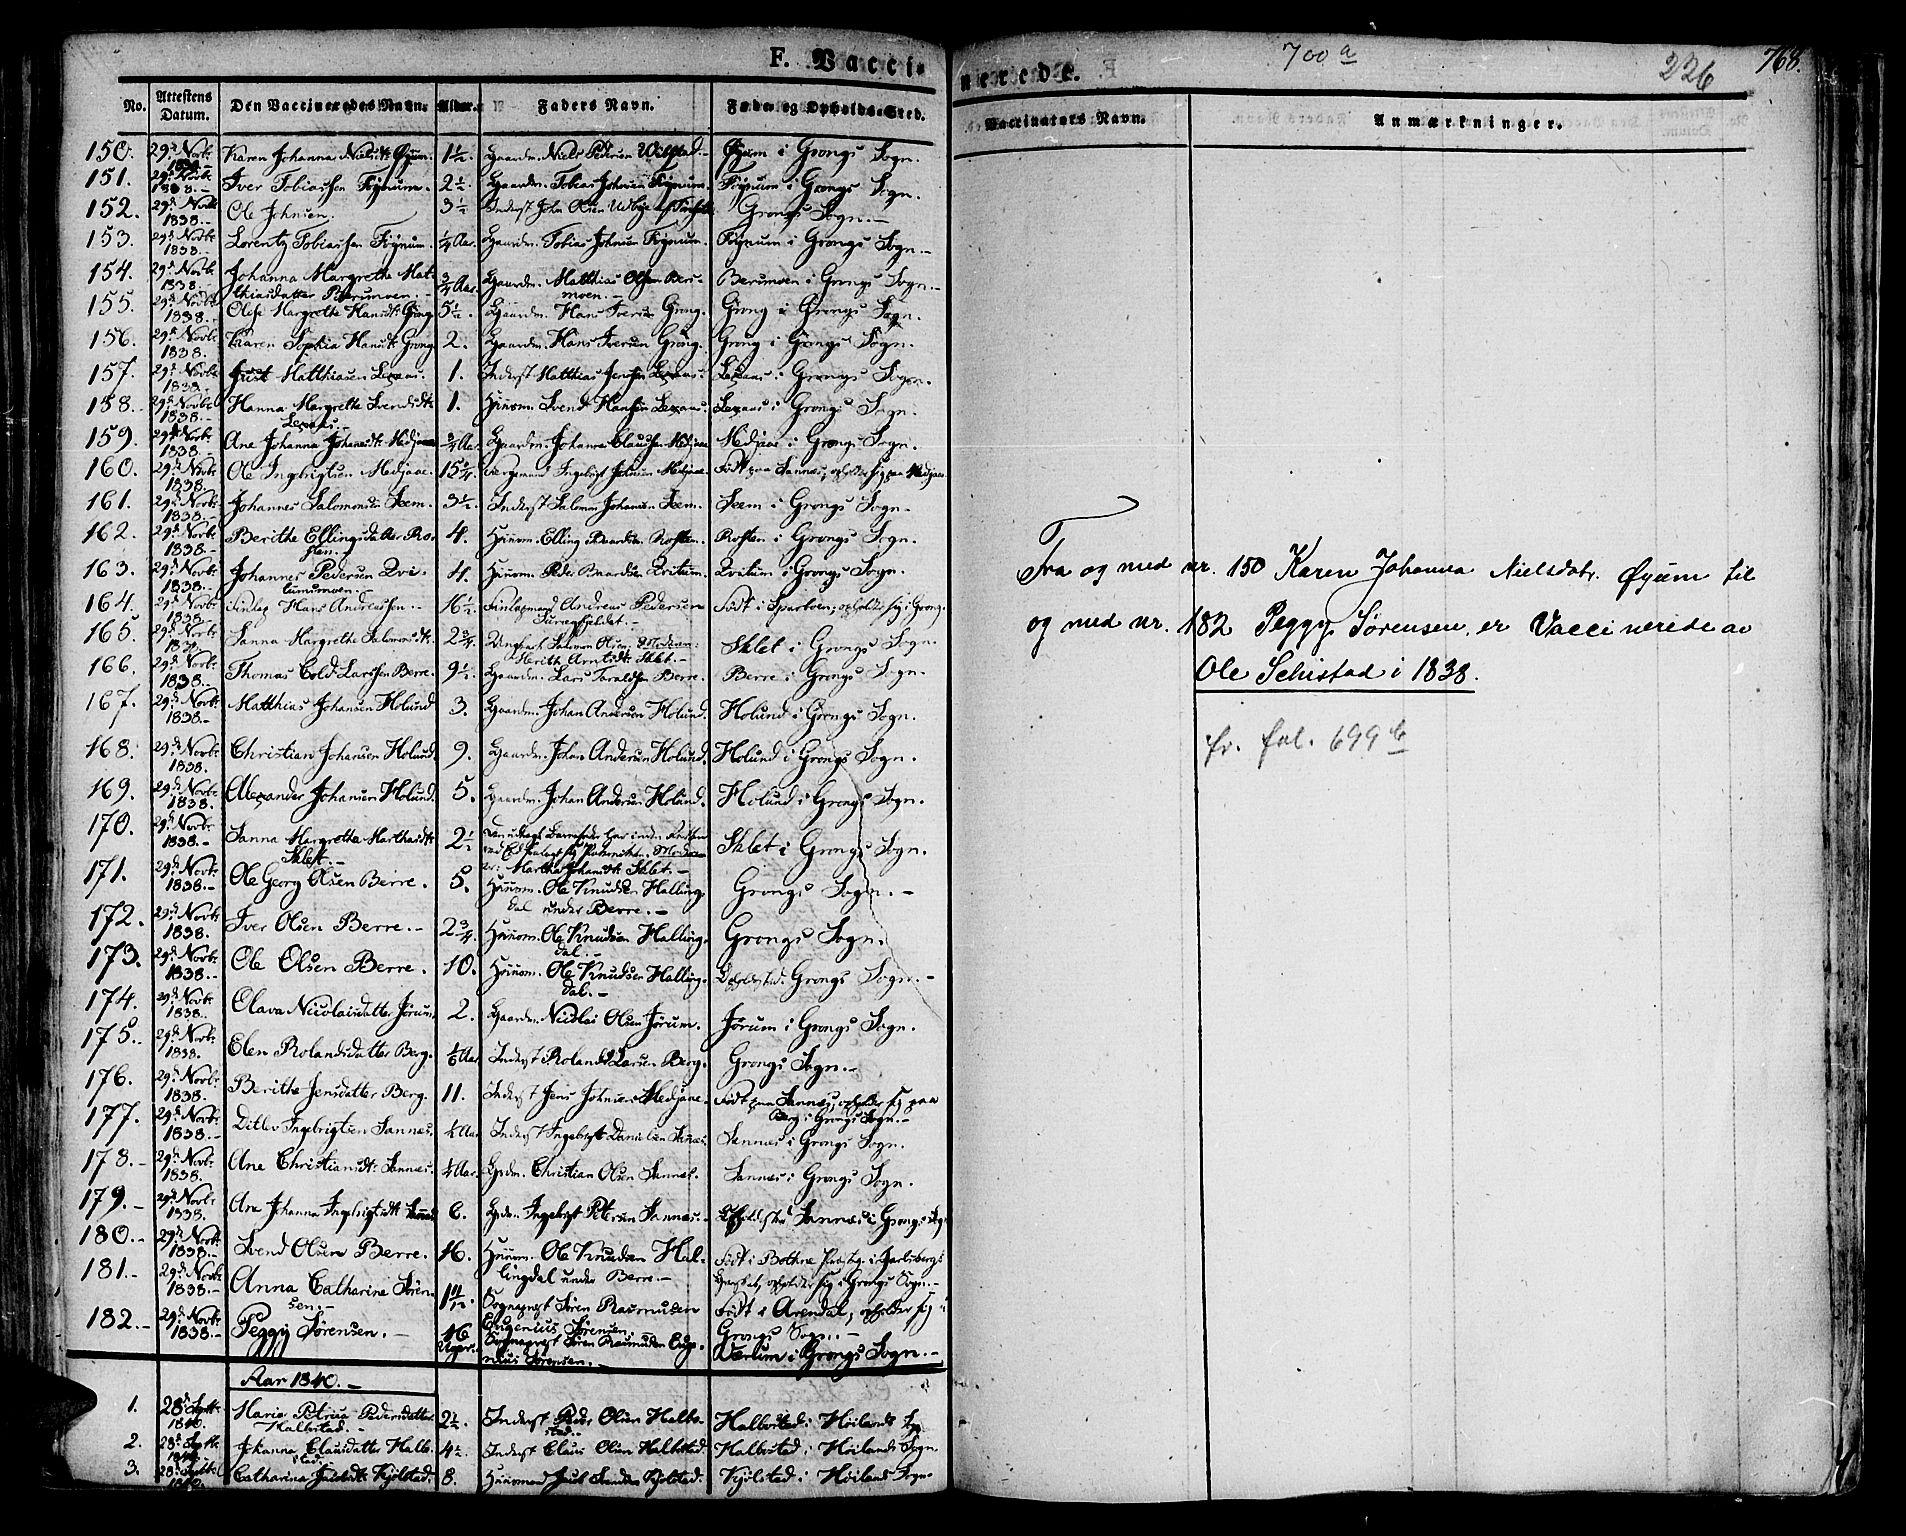 SAT, Ministerialprotokoller, klokkerbøker og fødselsregistre - Nord-Trøndelag, 758/L0510: Ministerialbok nr. 758A01 /1, 1821-1841, s. 226